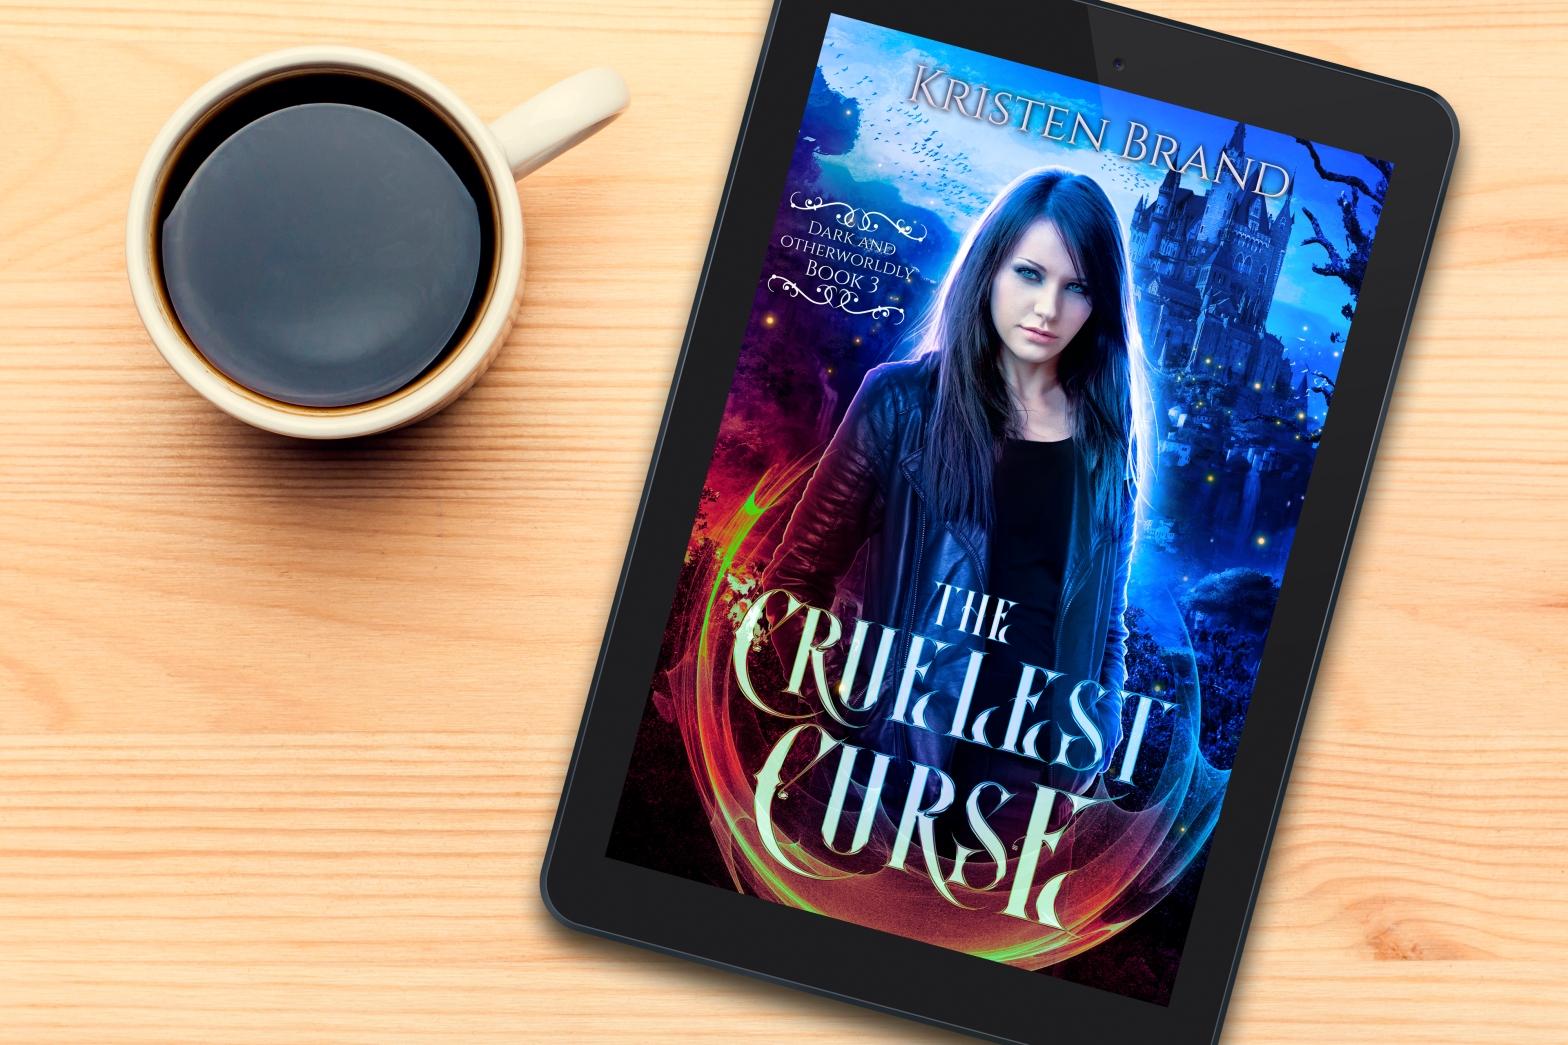 The Cruelest Curse ebook